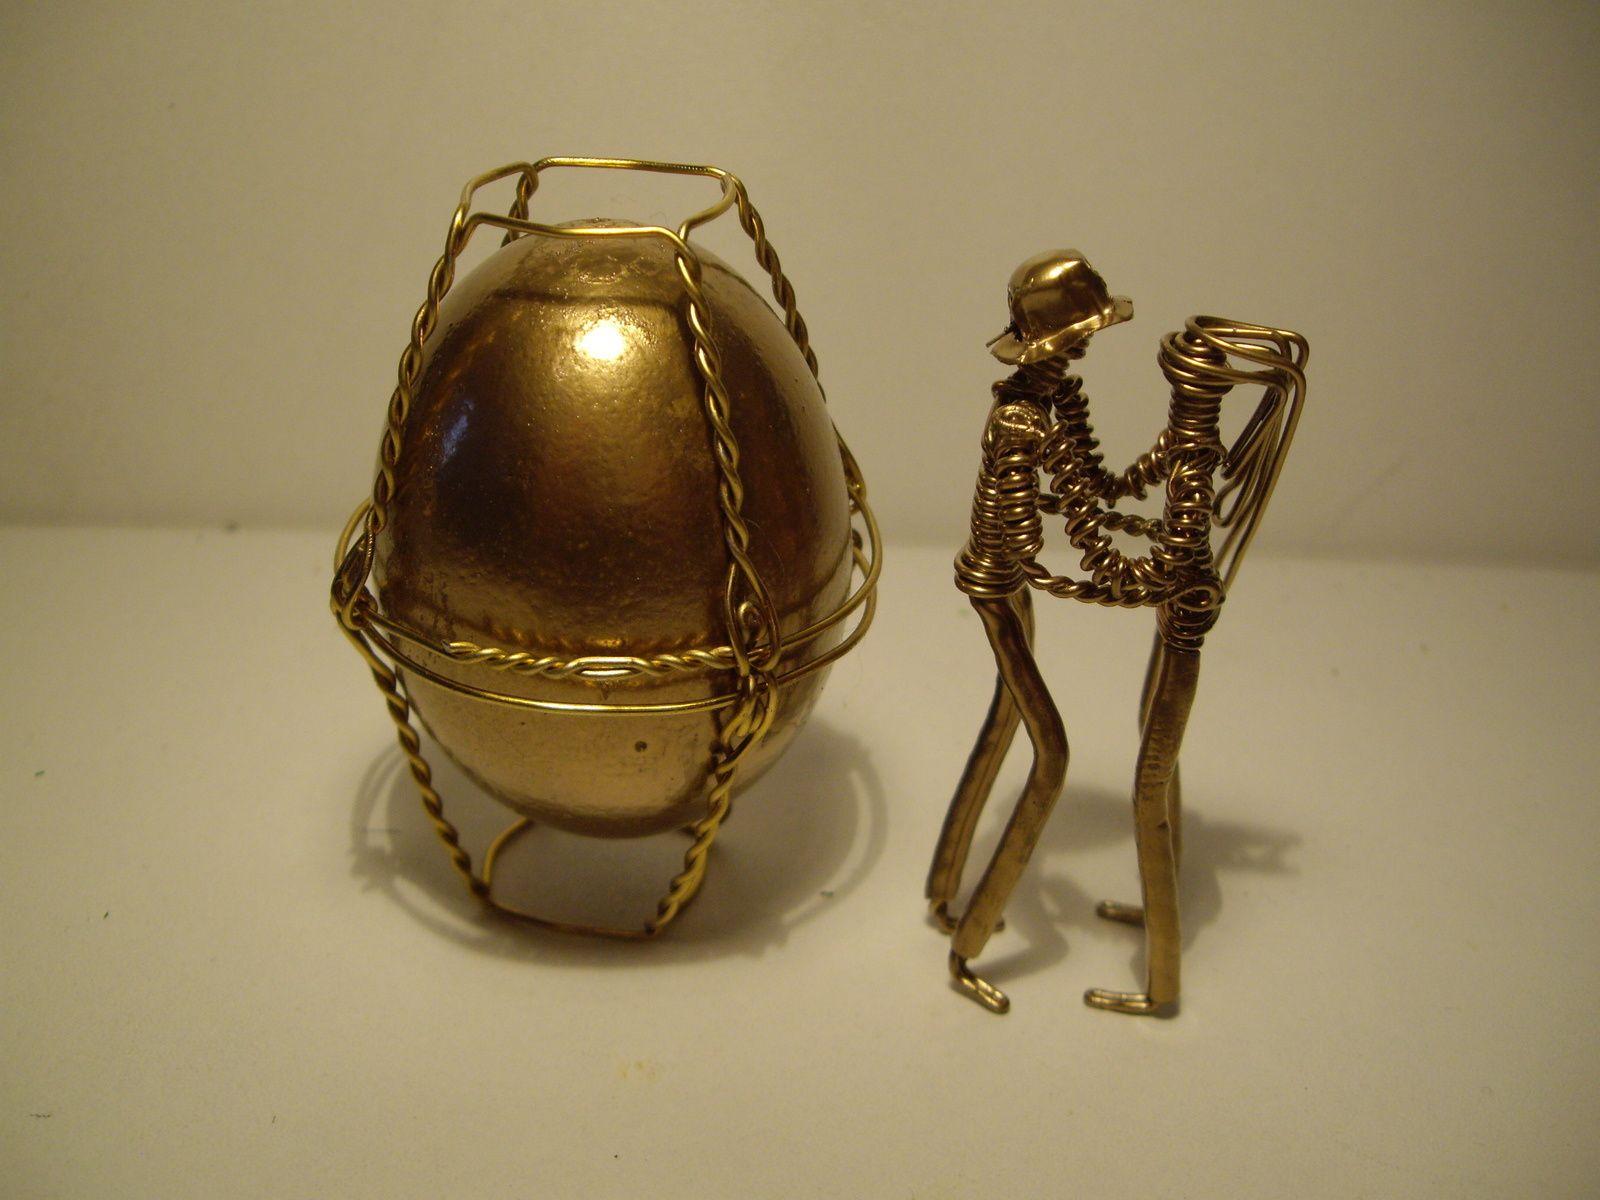 Muselet de Pâques!